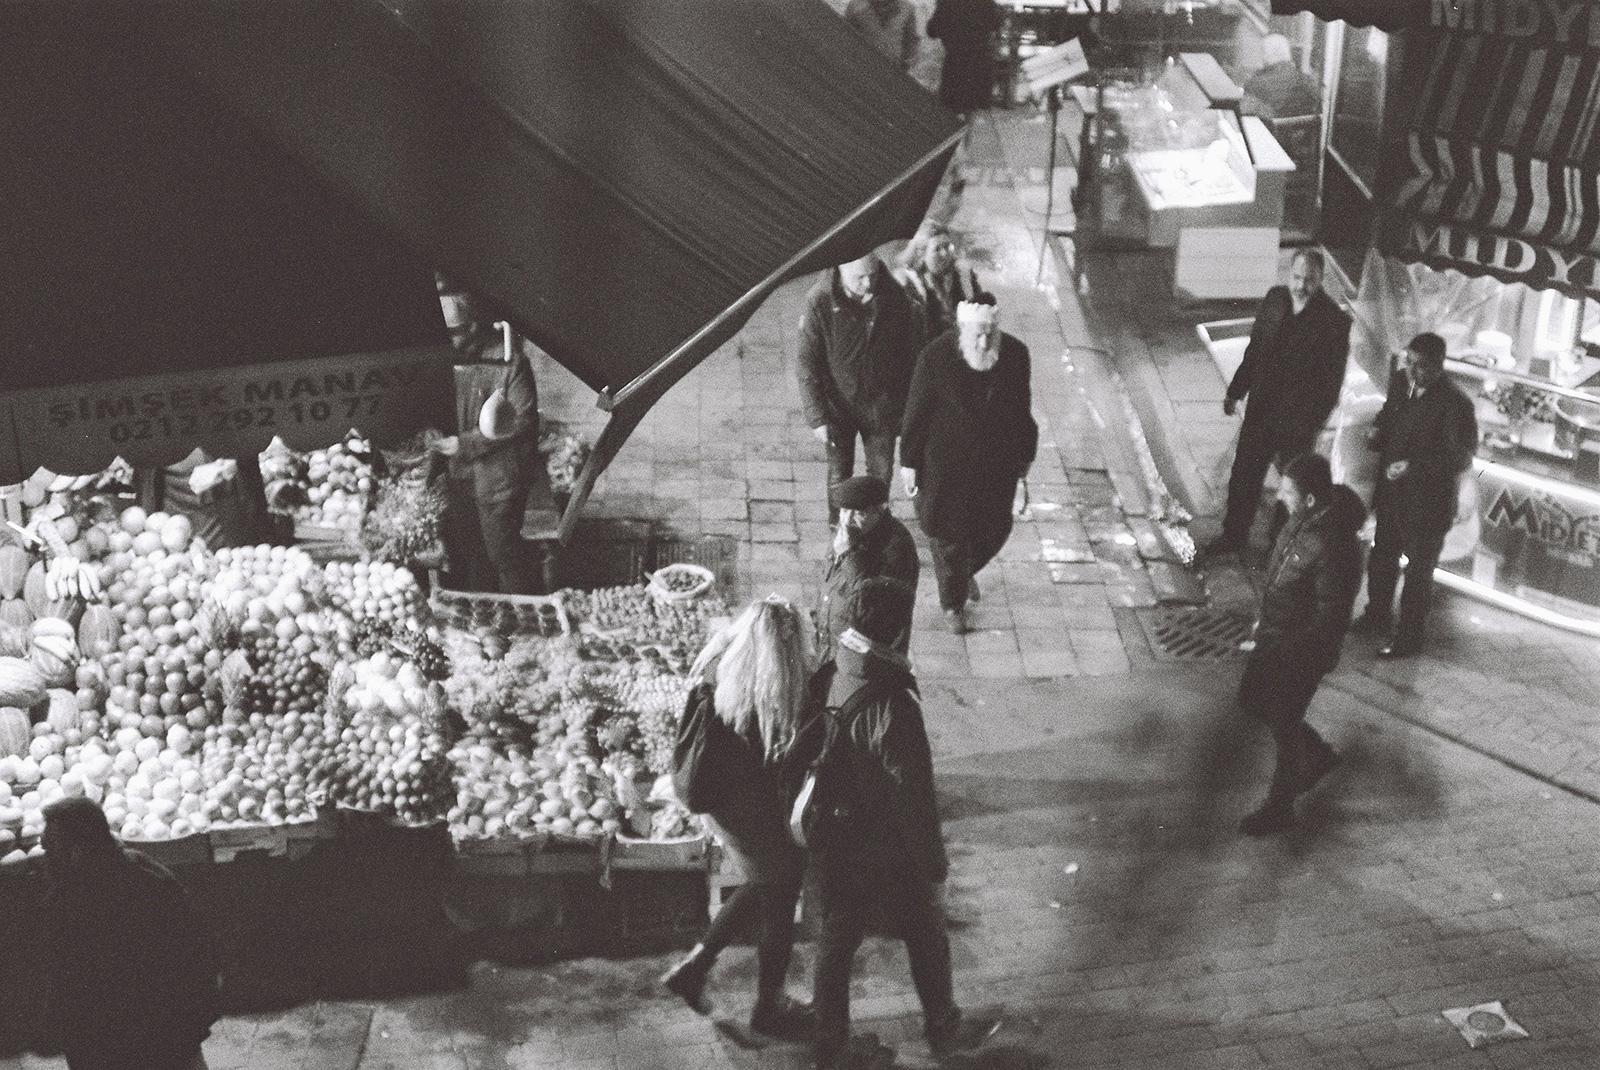 Istanbul Photo Journal #1 January 2019. Photographer: Umur Dilek. Ilford 400 Black & White film. İstanbul fotoğraf günlüğü #1 Ocak 2019 Fotoğrafçı #istanbulphotojournal